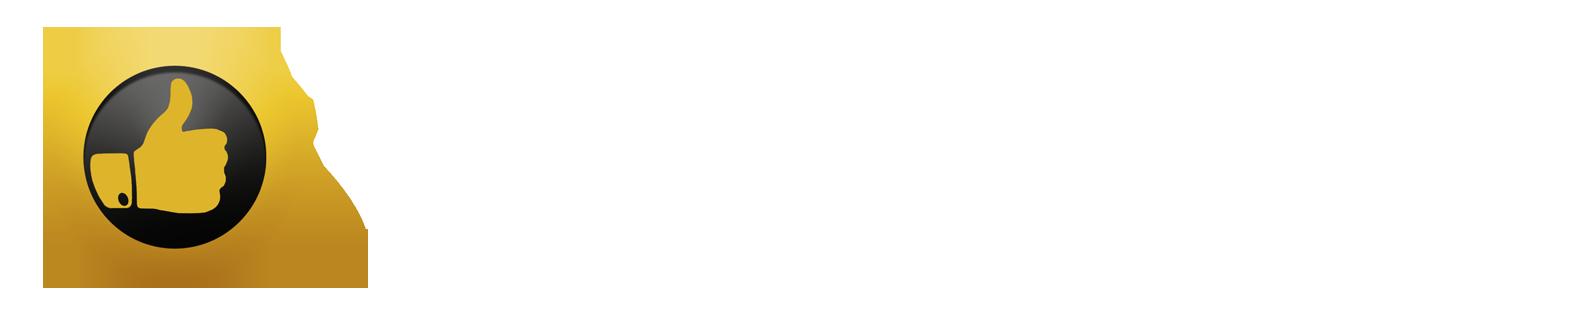 Тайный покупатель Екатеринбург